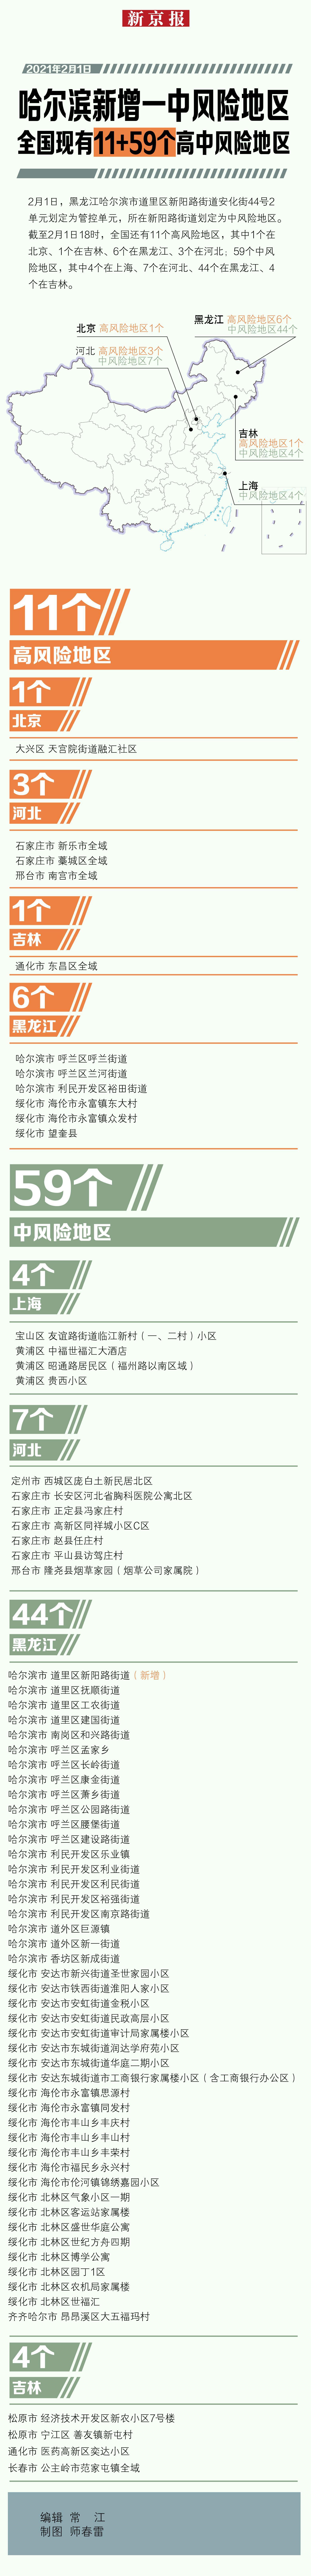 哈尔滨新增一中风险地区 全国现有11+59个高中风险地区图片